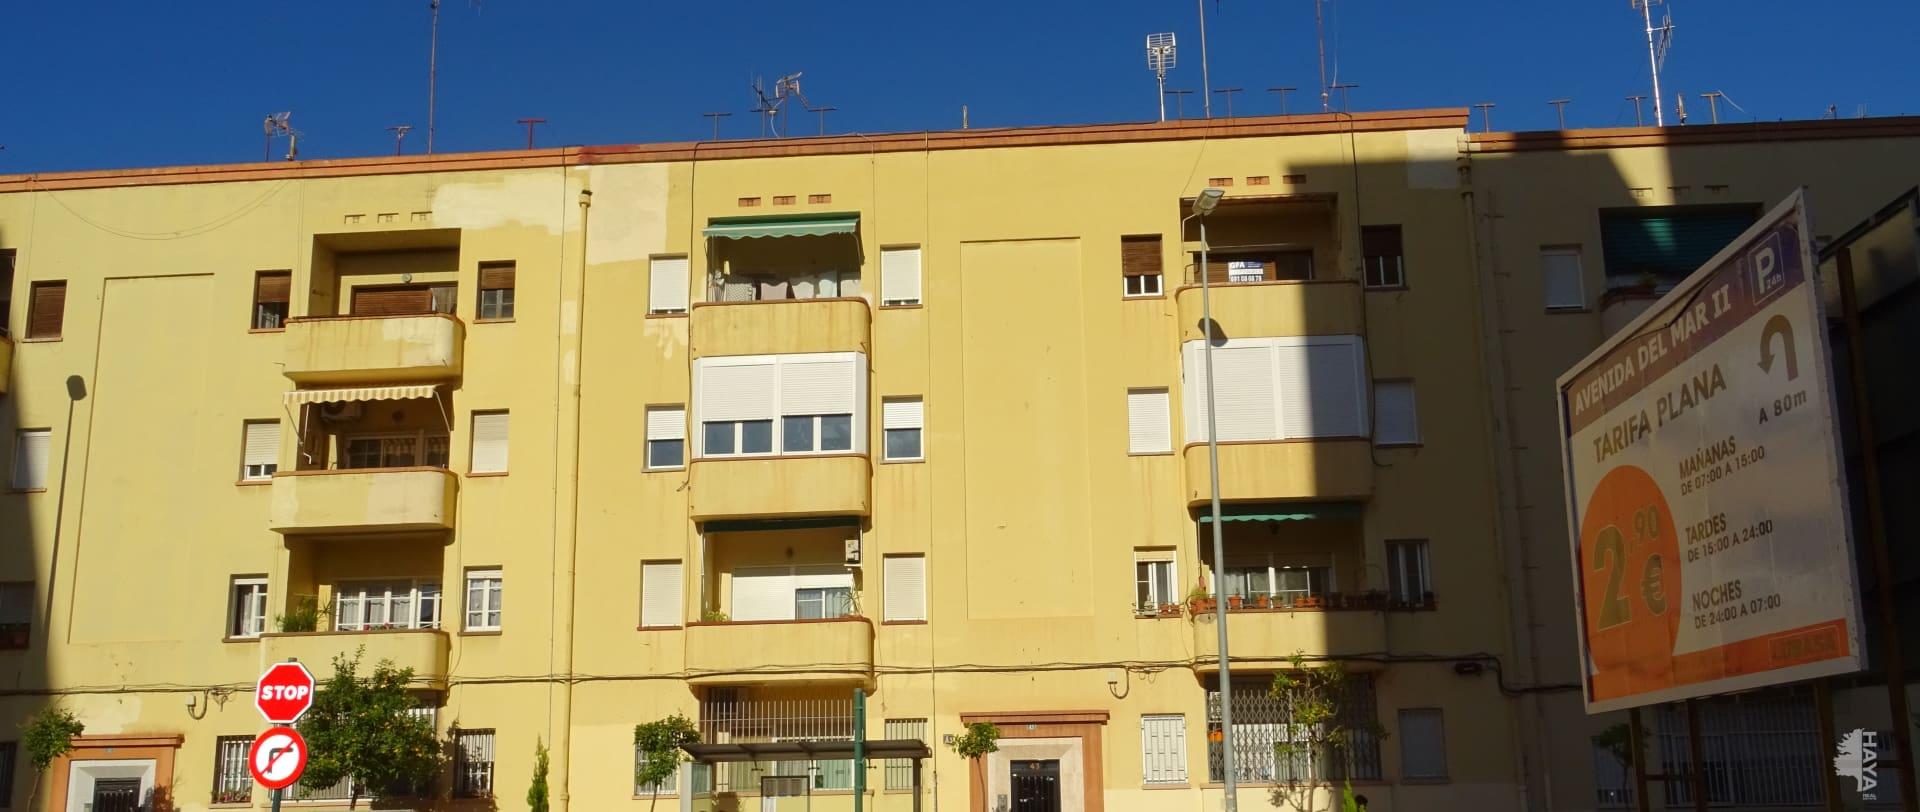 Piso en venta en Grupo San Pedro, Castellón de la Plana/castelló de la Plana, Castellón, Calle del Mar, 37.600 €, 3 habitaciones, 1 baño, 75 m2